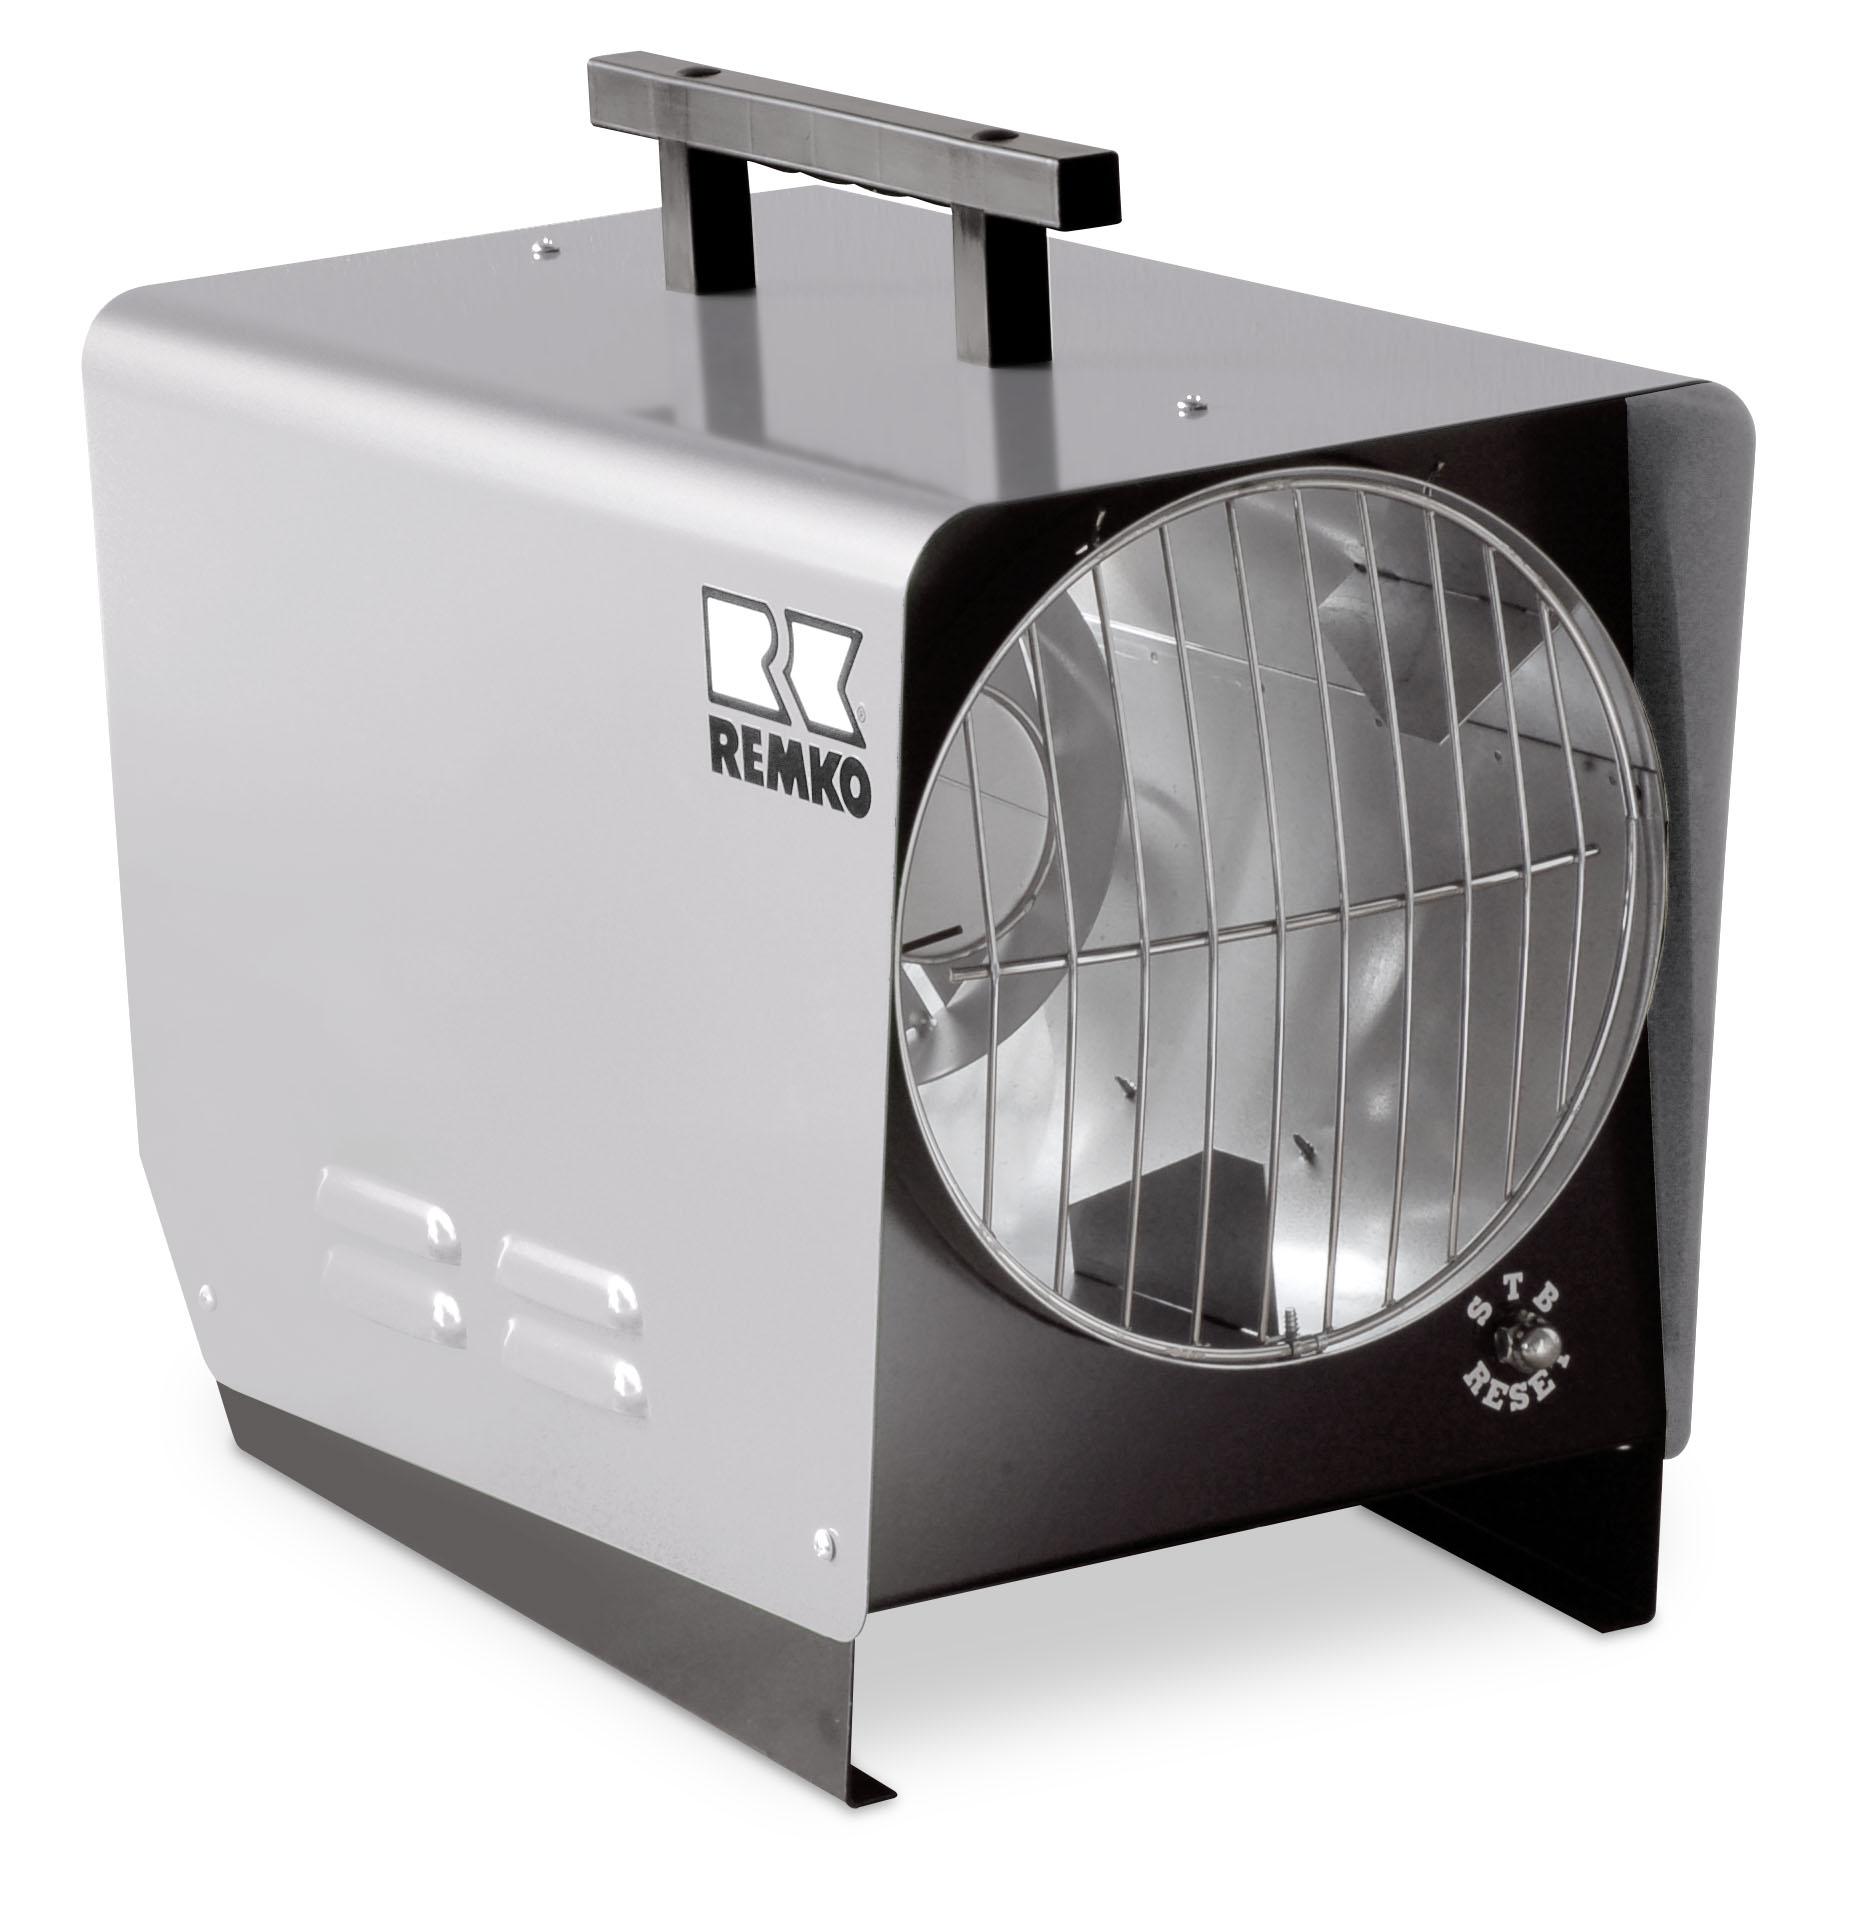 REMKO PG 25 T S-Line Gas-Heizautomat - Preiswerter Allrounder für schnelle Punktbeheizung